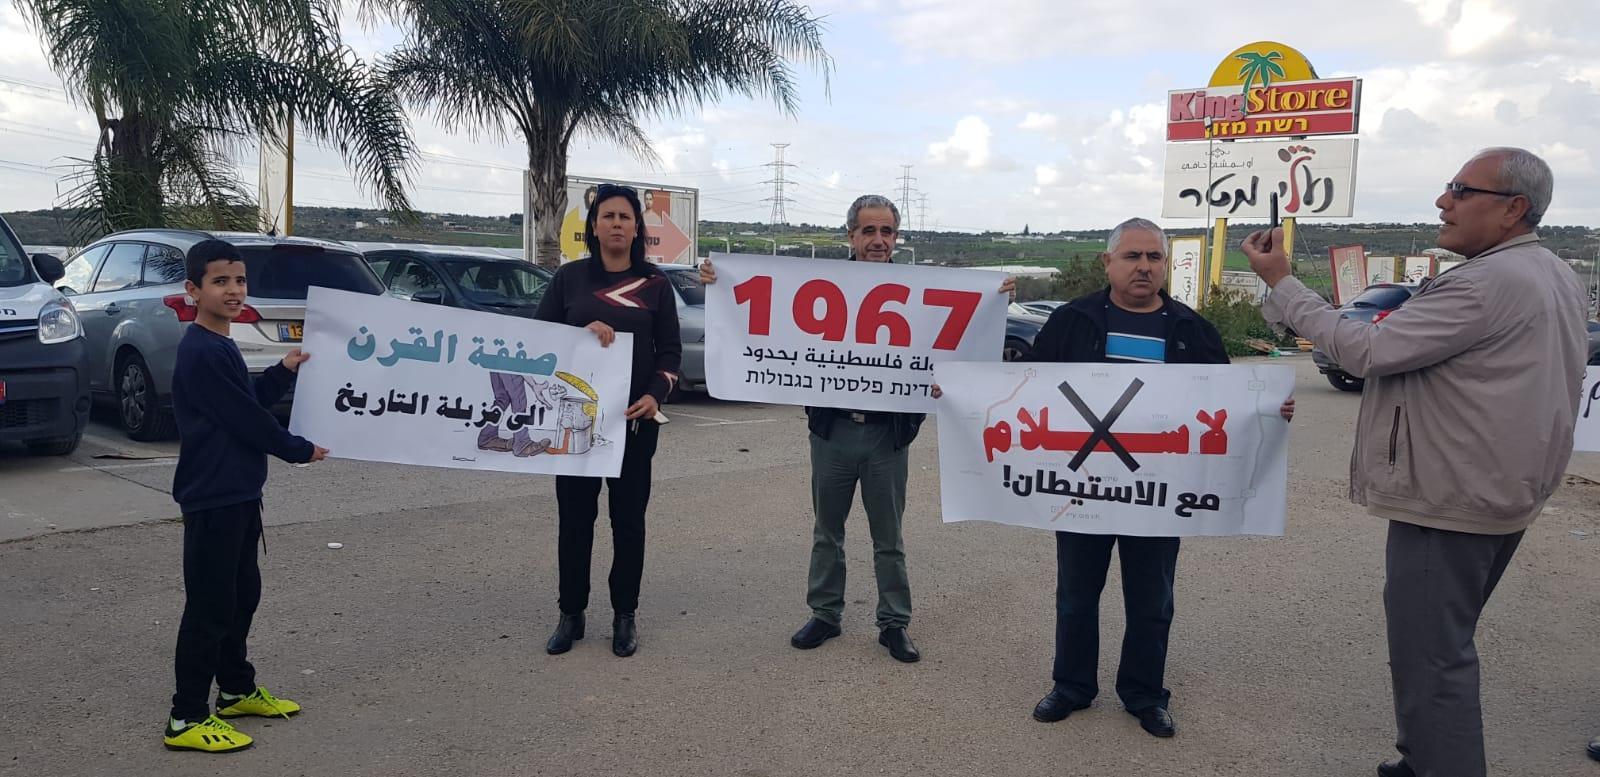 طمرة: تظاهرة رفع شعارات ضد نتنياهو والليكود